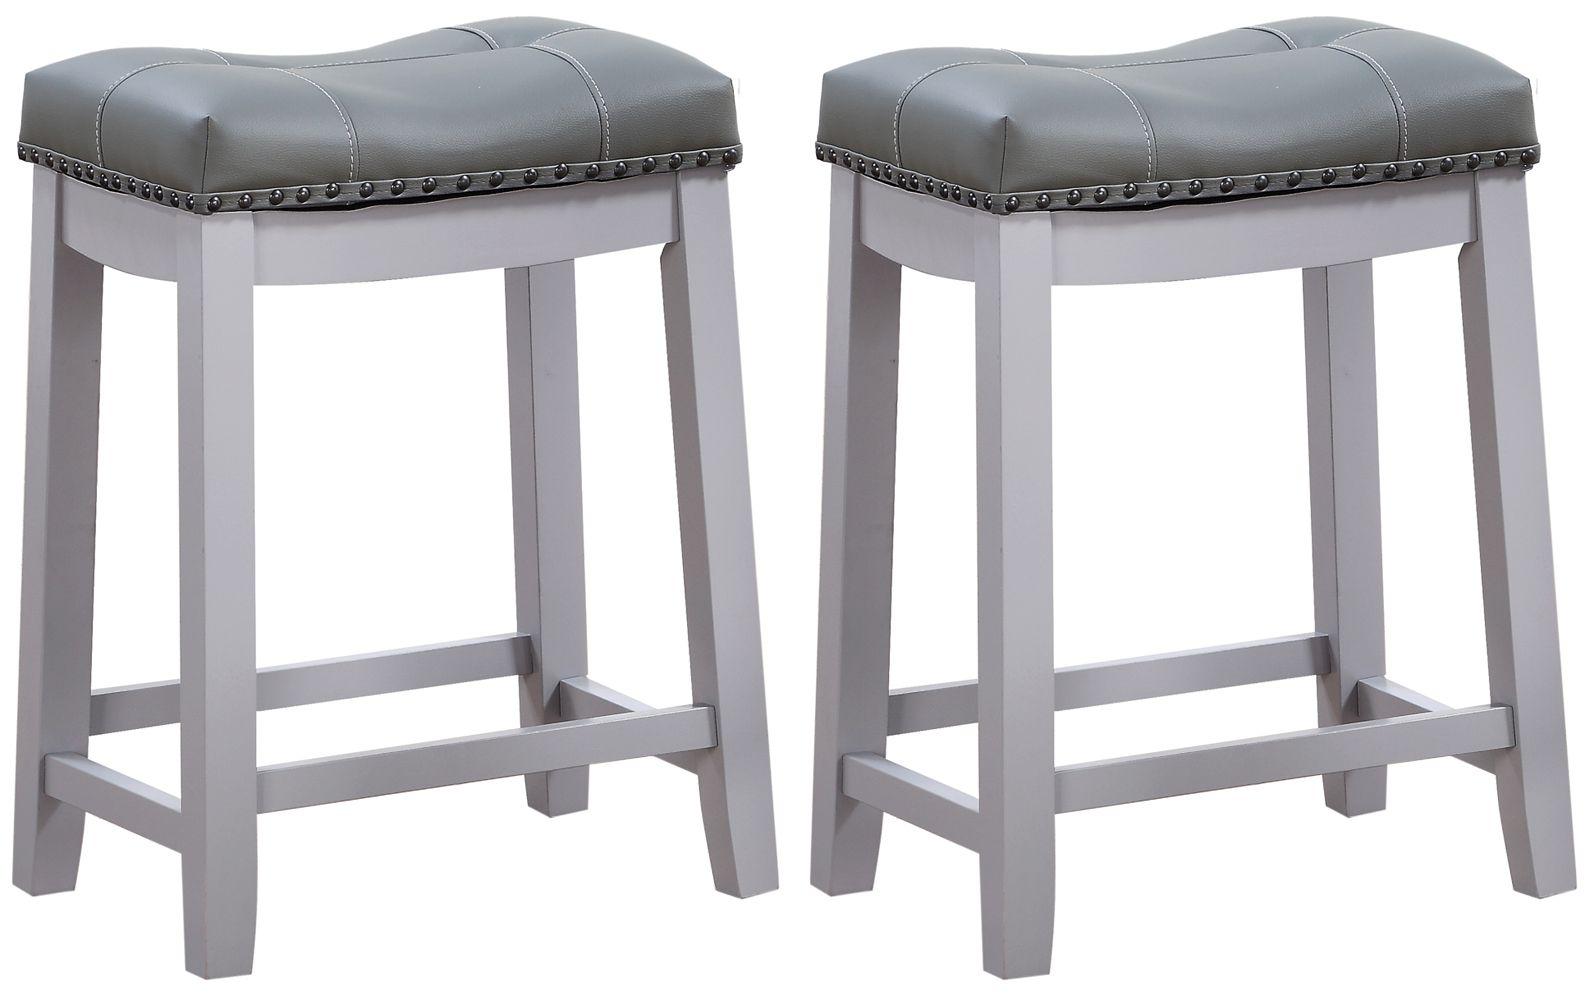 Angel Line Cambridge 24 Padded Saddle Stool Gray W Gray Cushion Set Of 2 Walmart Com Bar Stools Saddle Stools Grey Cushions